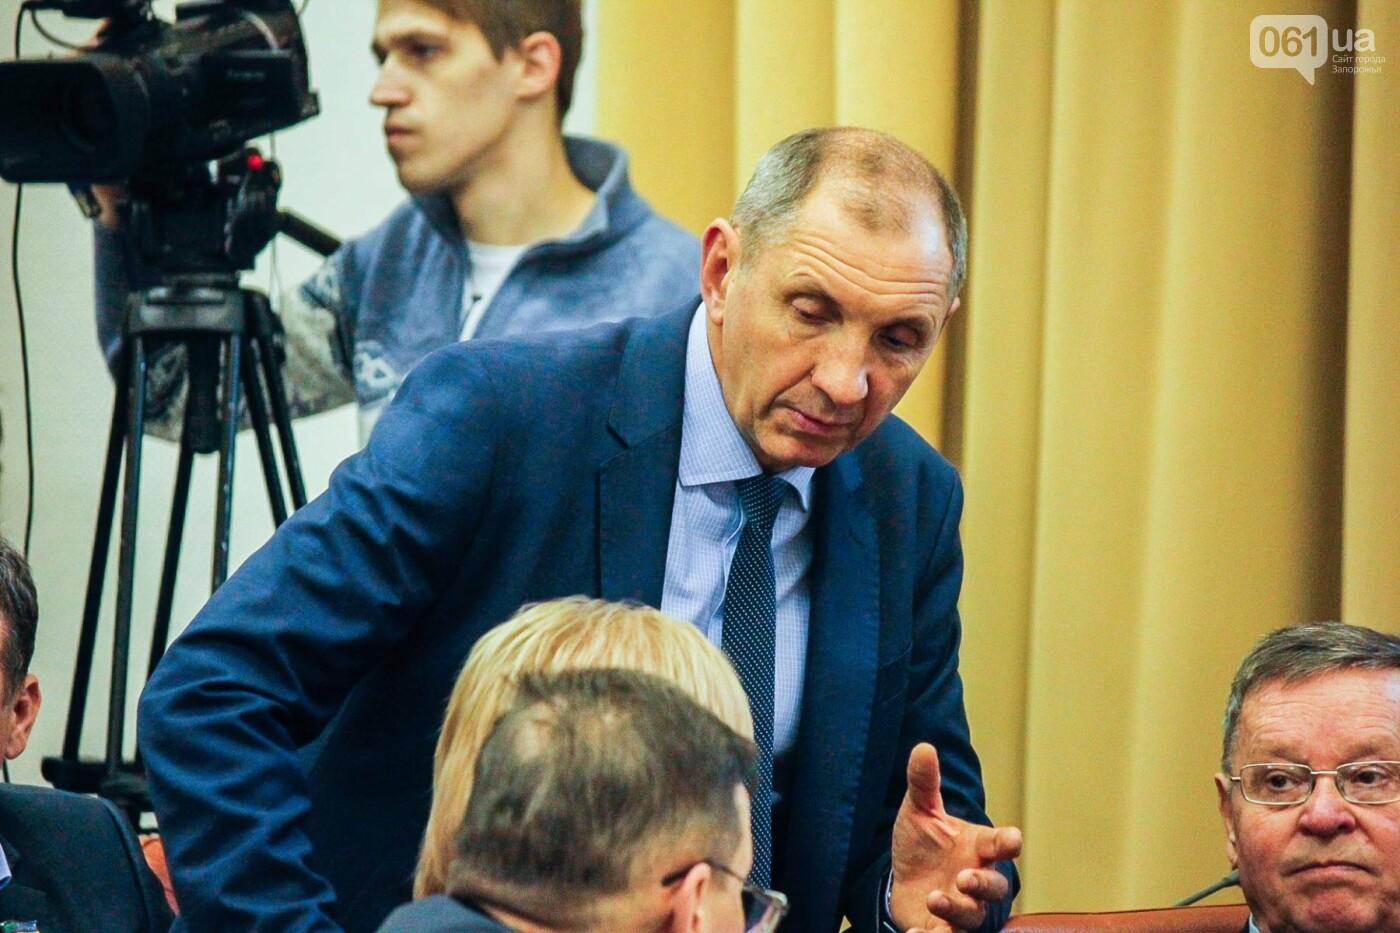 Сессия запорожского горсовета в лицах, - ФОТОРЕПОРТАЖ, фото-55